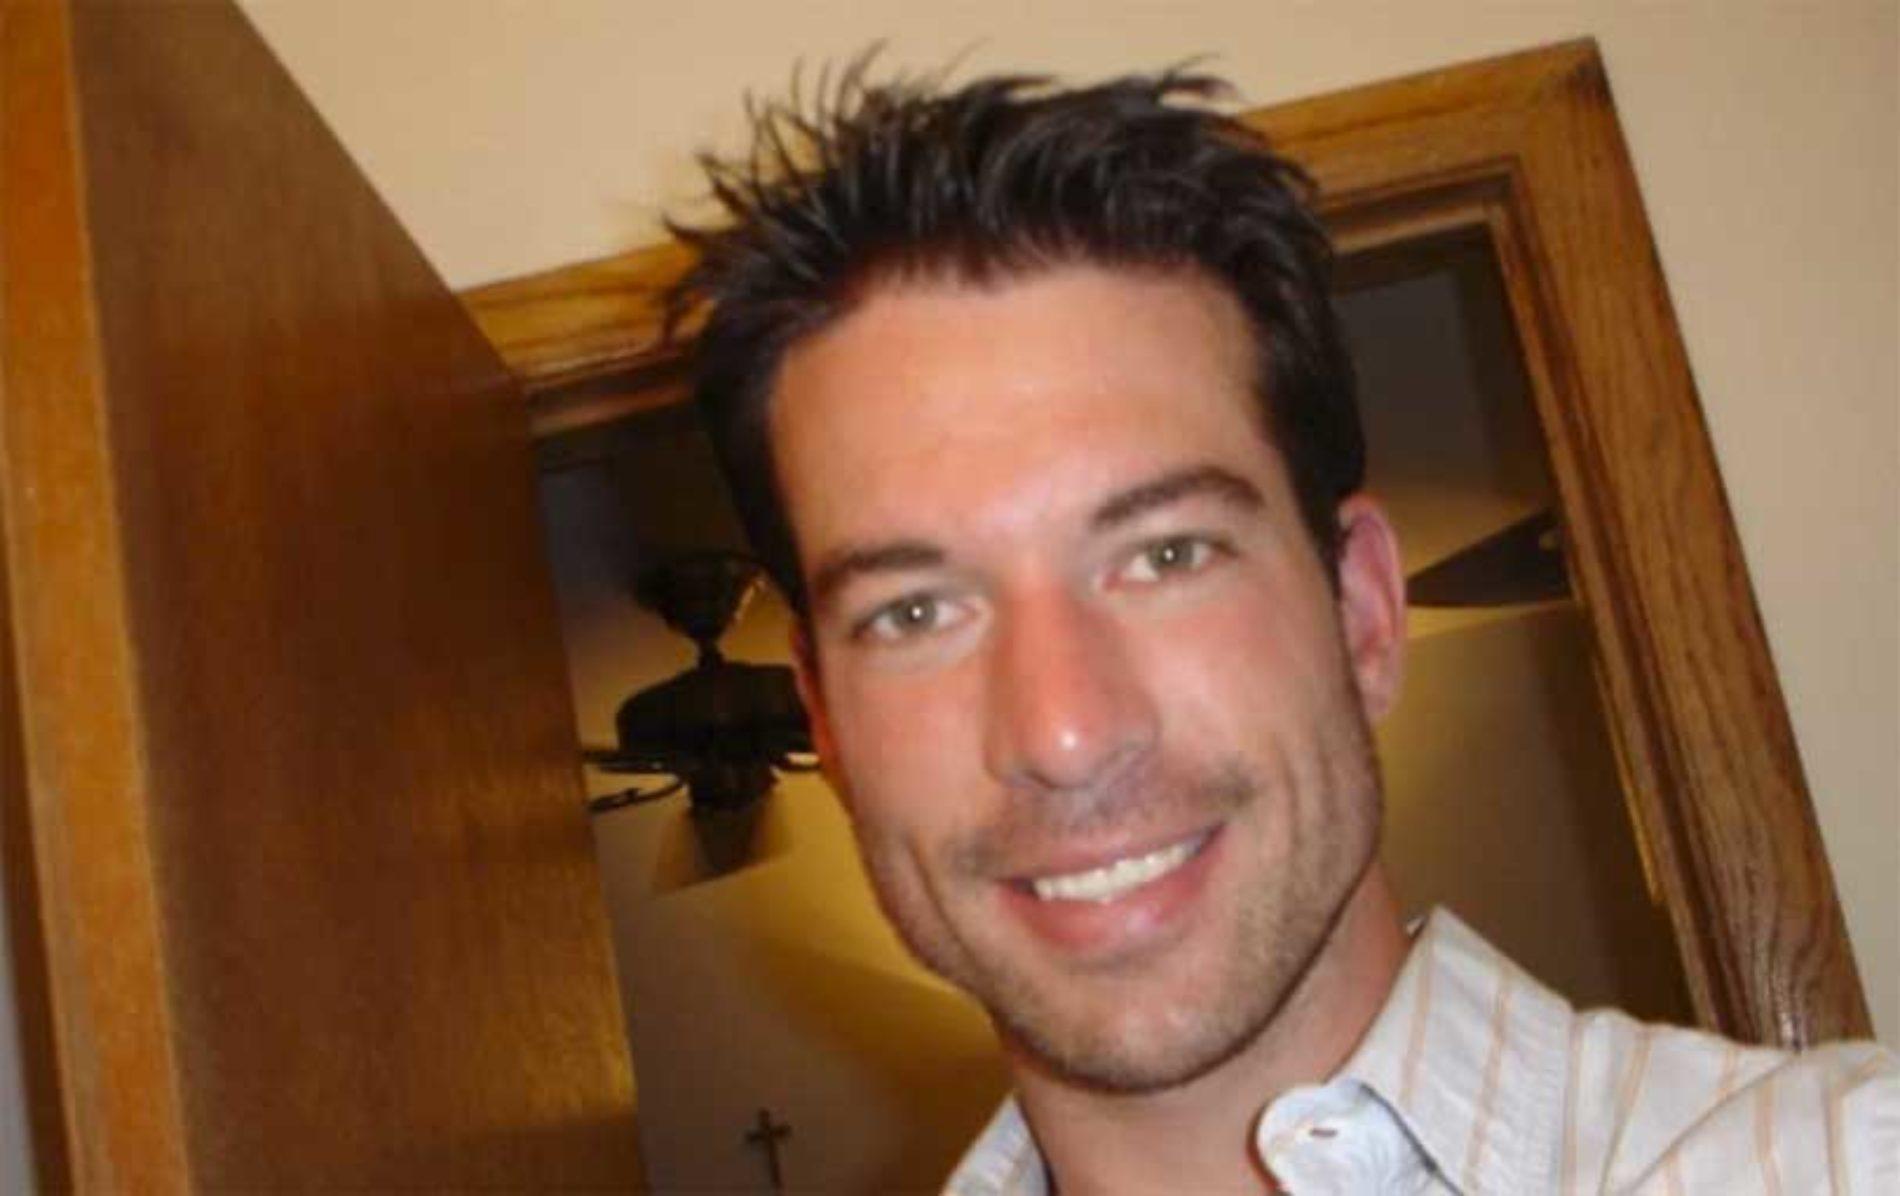 Brian Shaffer – gikk inn på en bar og ble aldri sett igjen